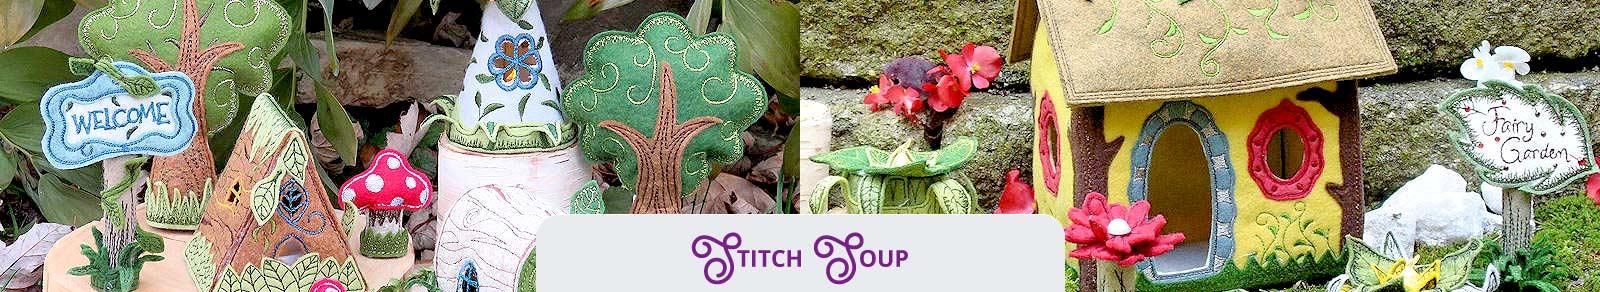 stitch soup